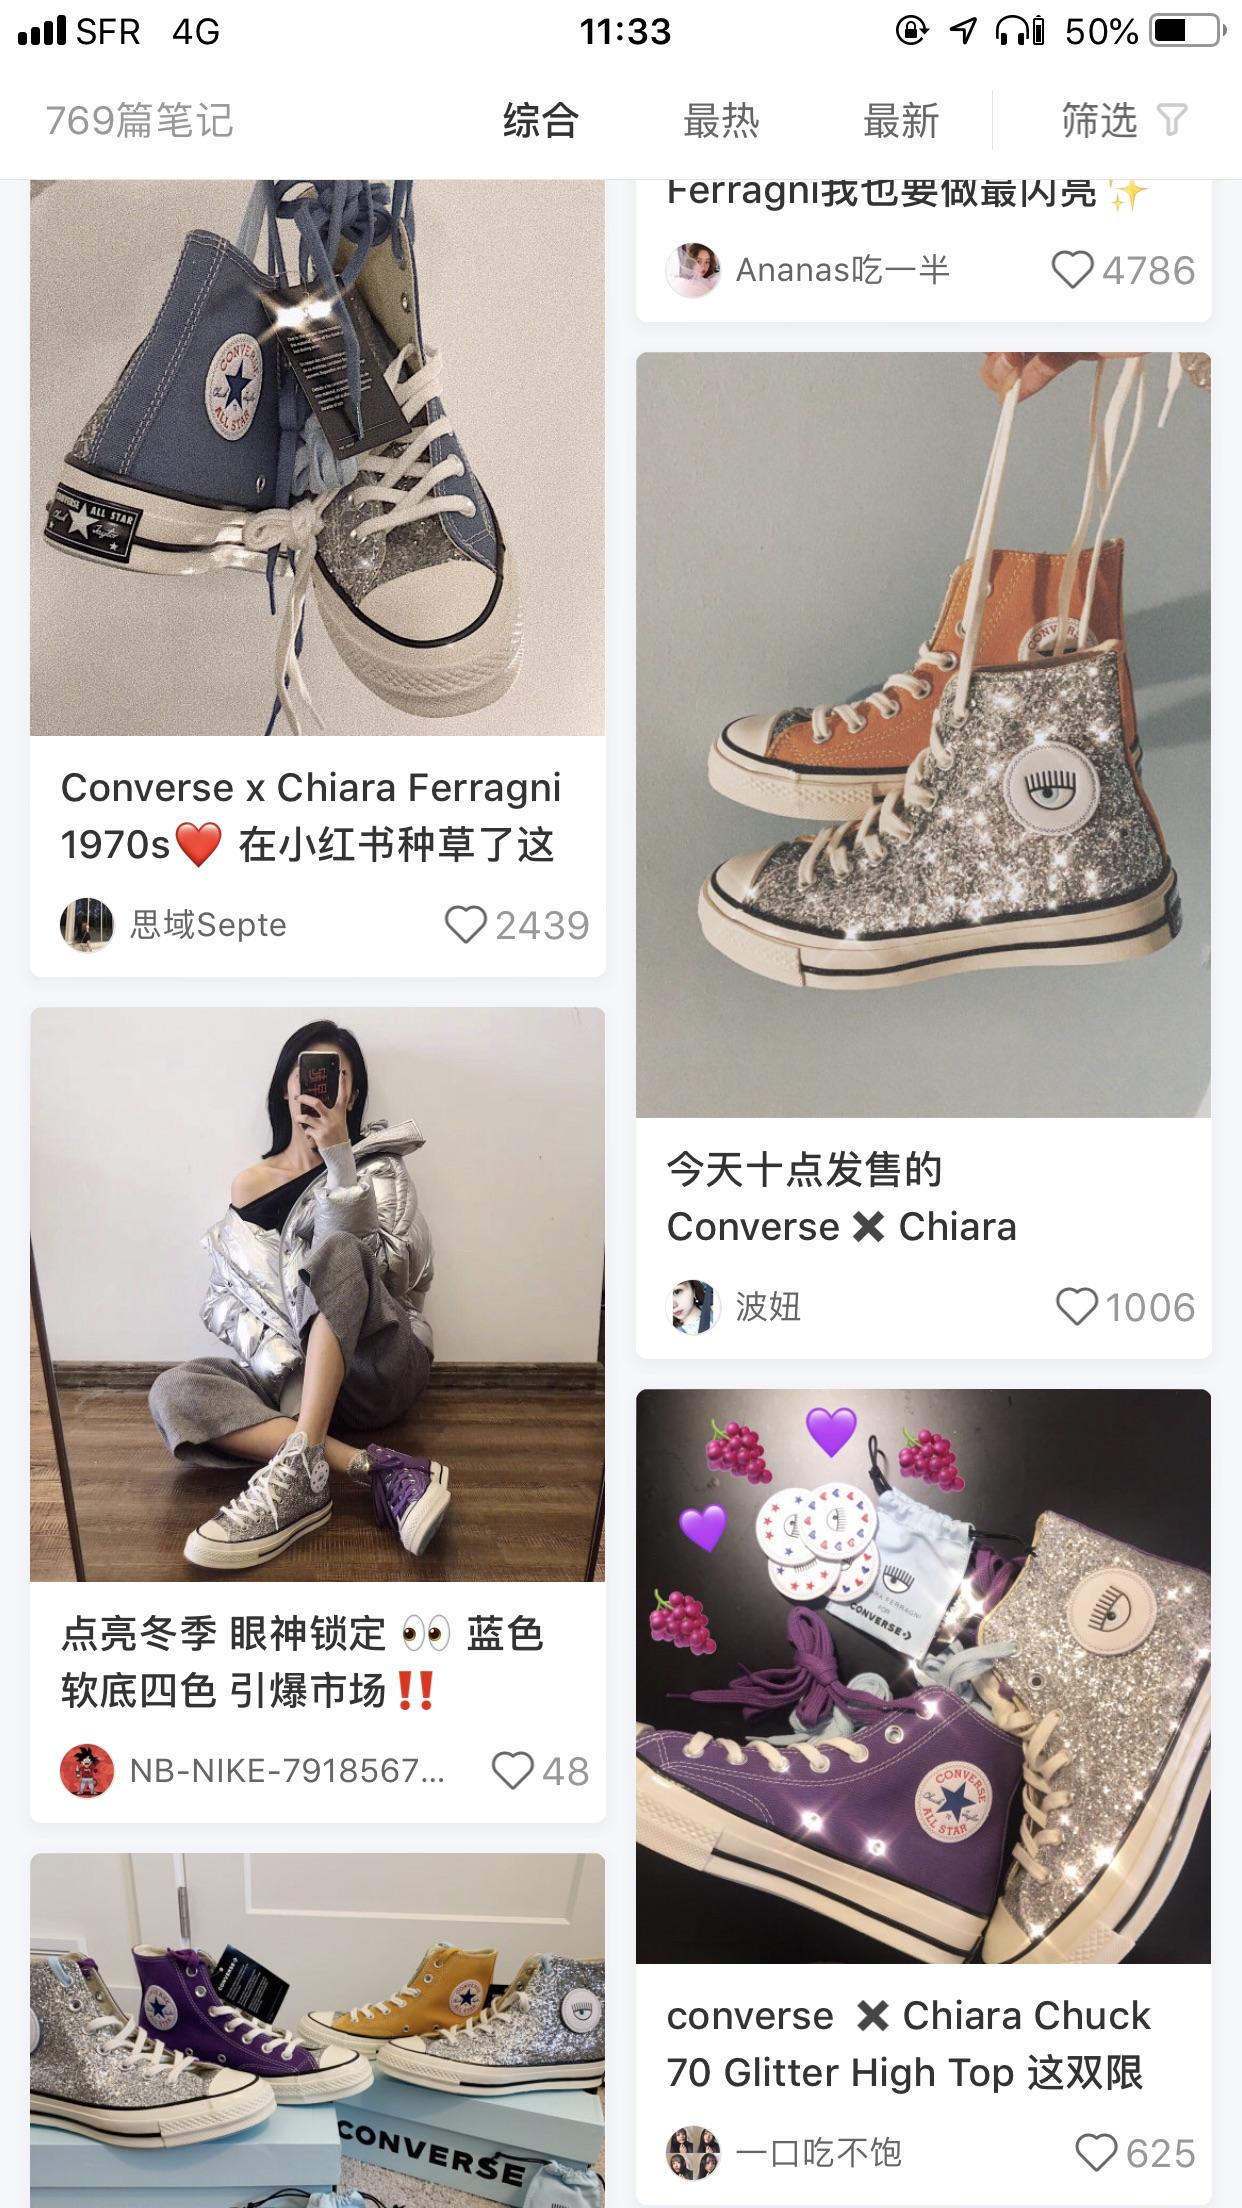 converse神仙鞋 你还没买吗